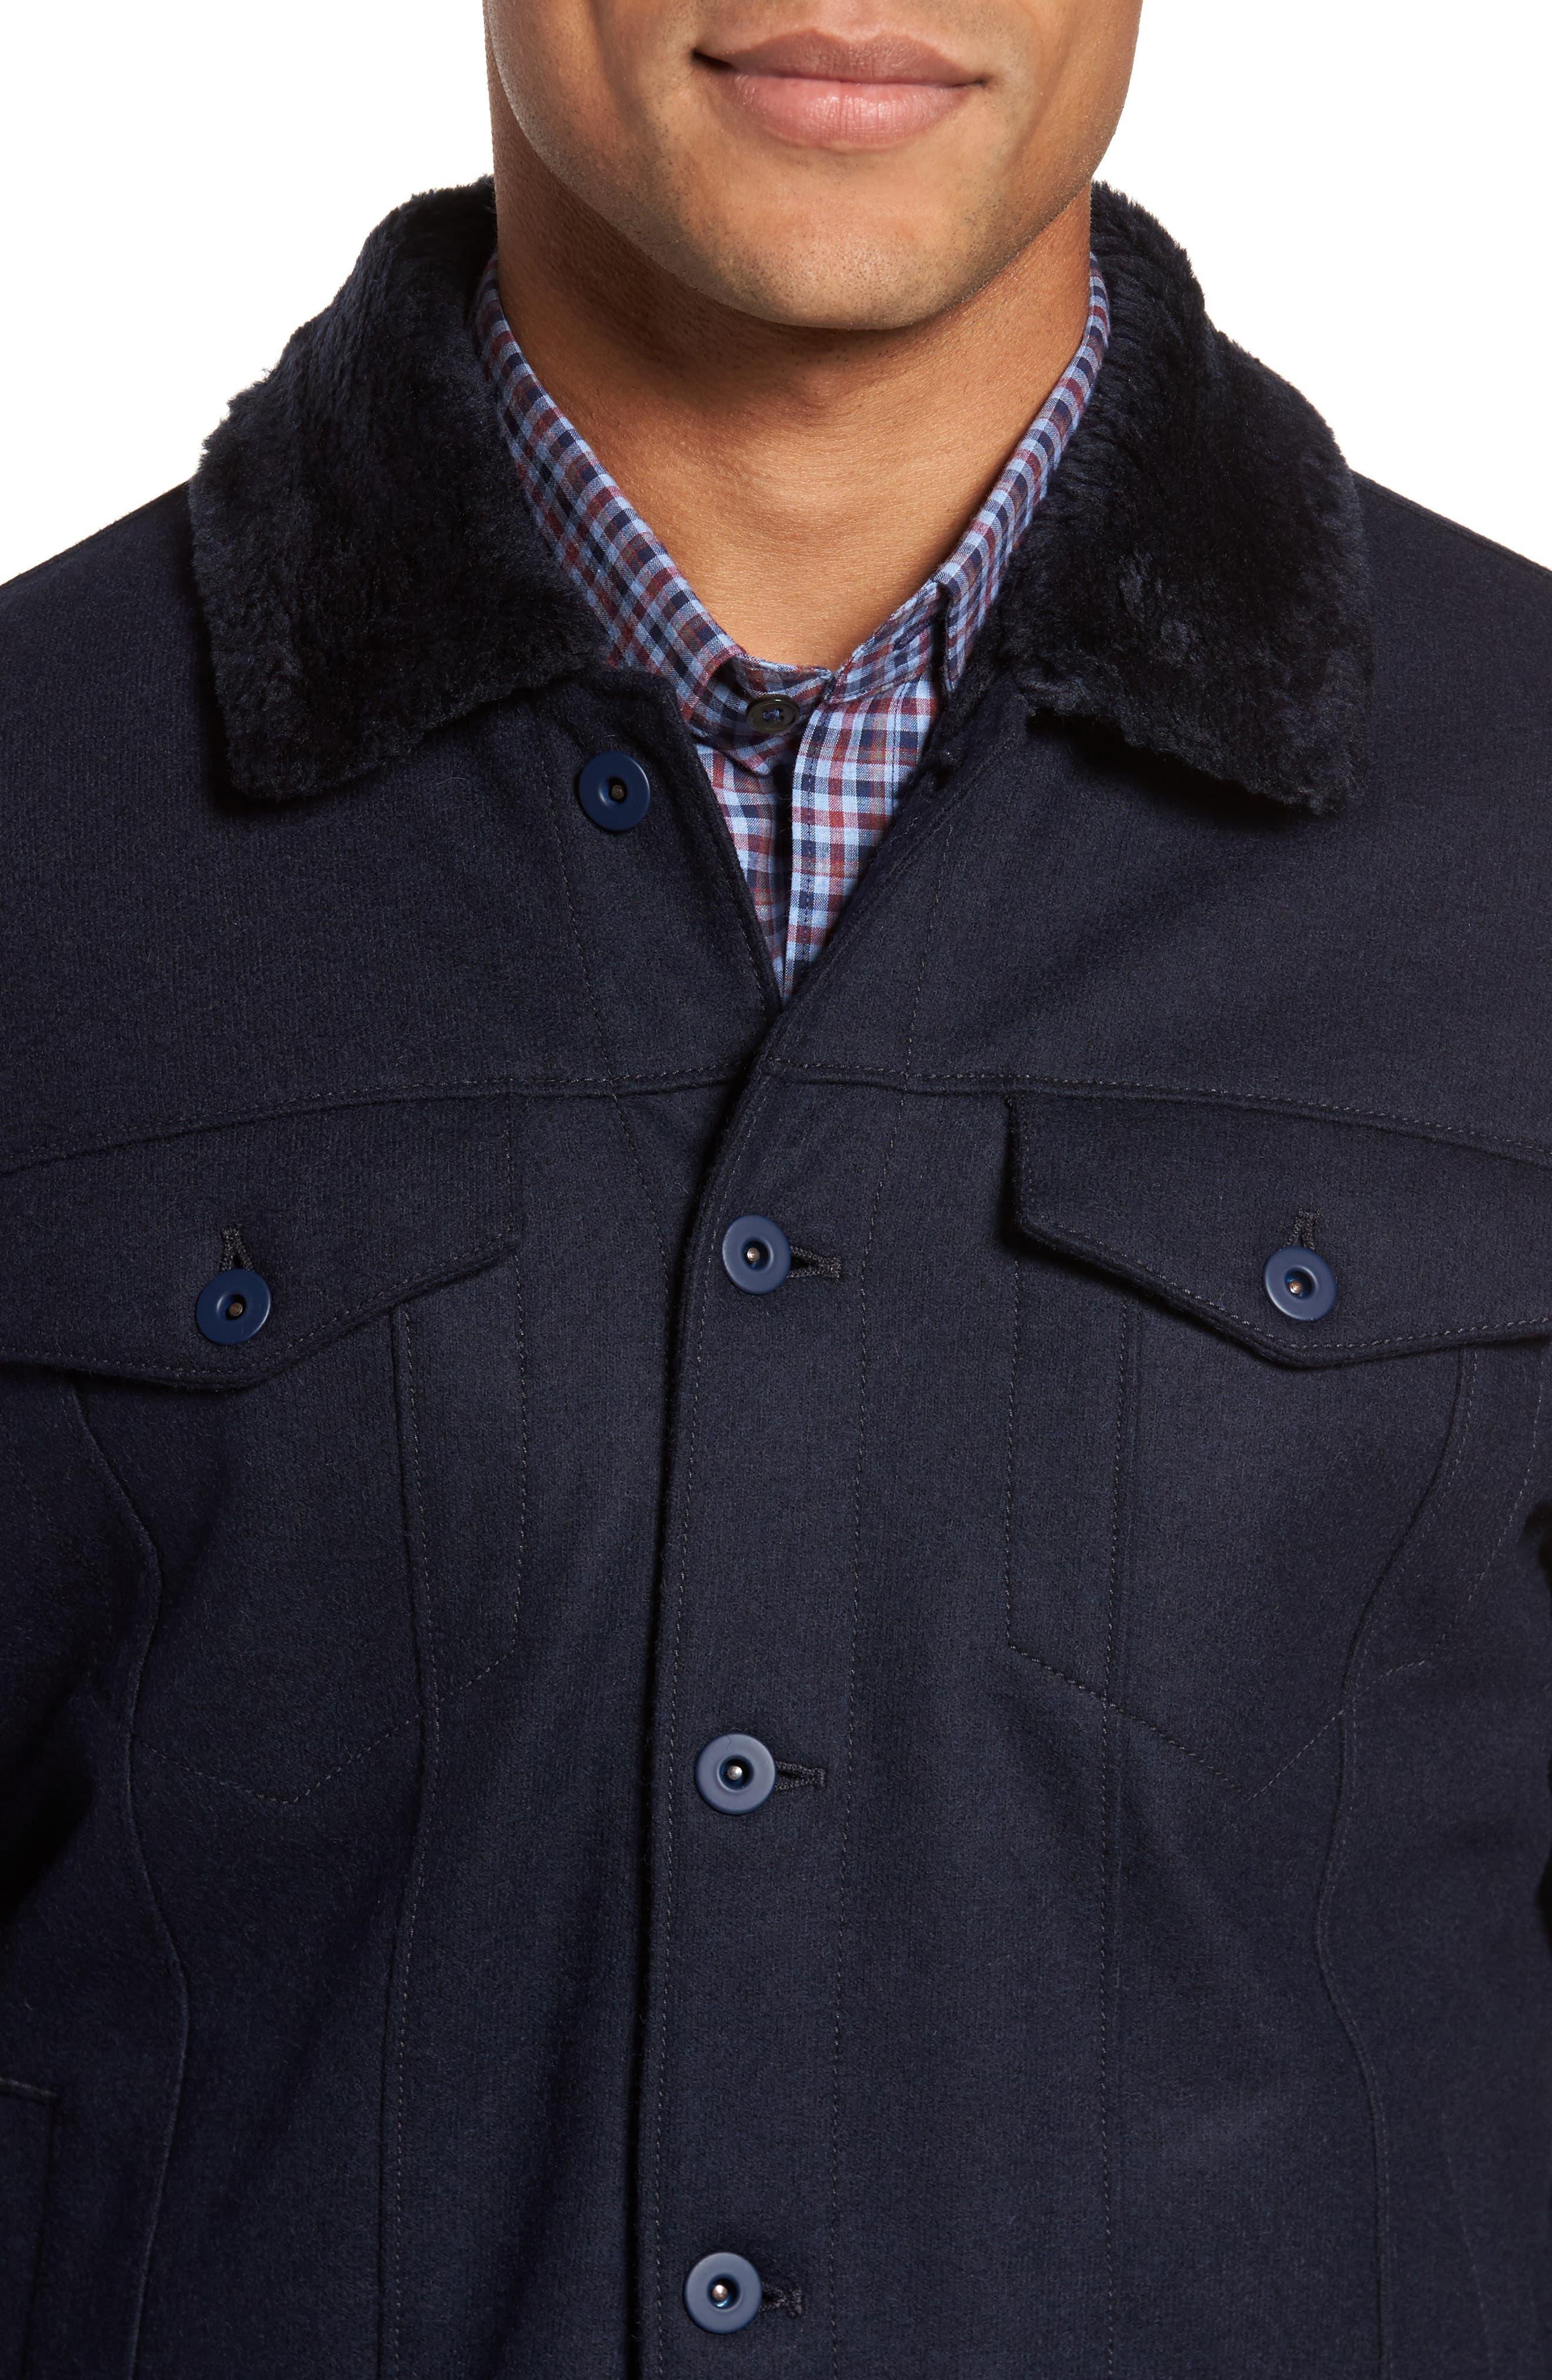 Faux Fur Trim Jacket,                             Alternate thumbnail 4, color,                             410